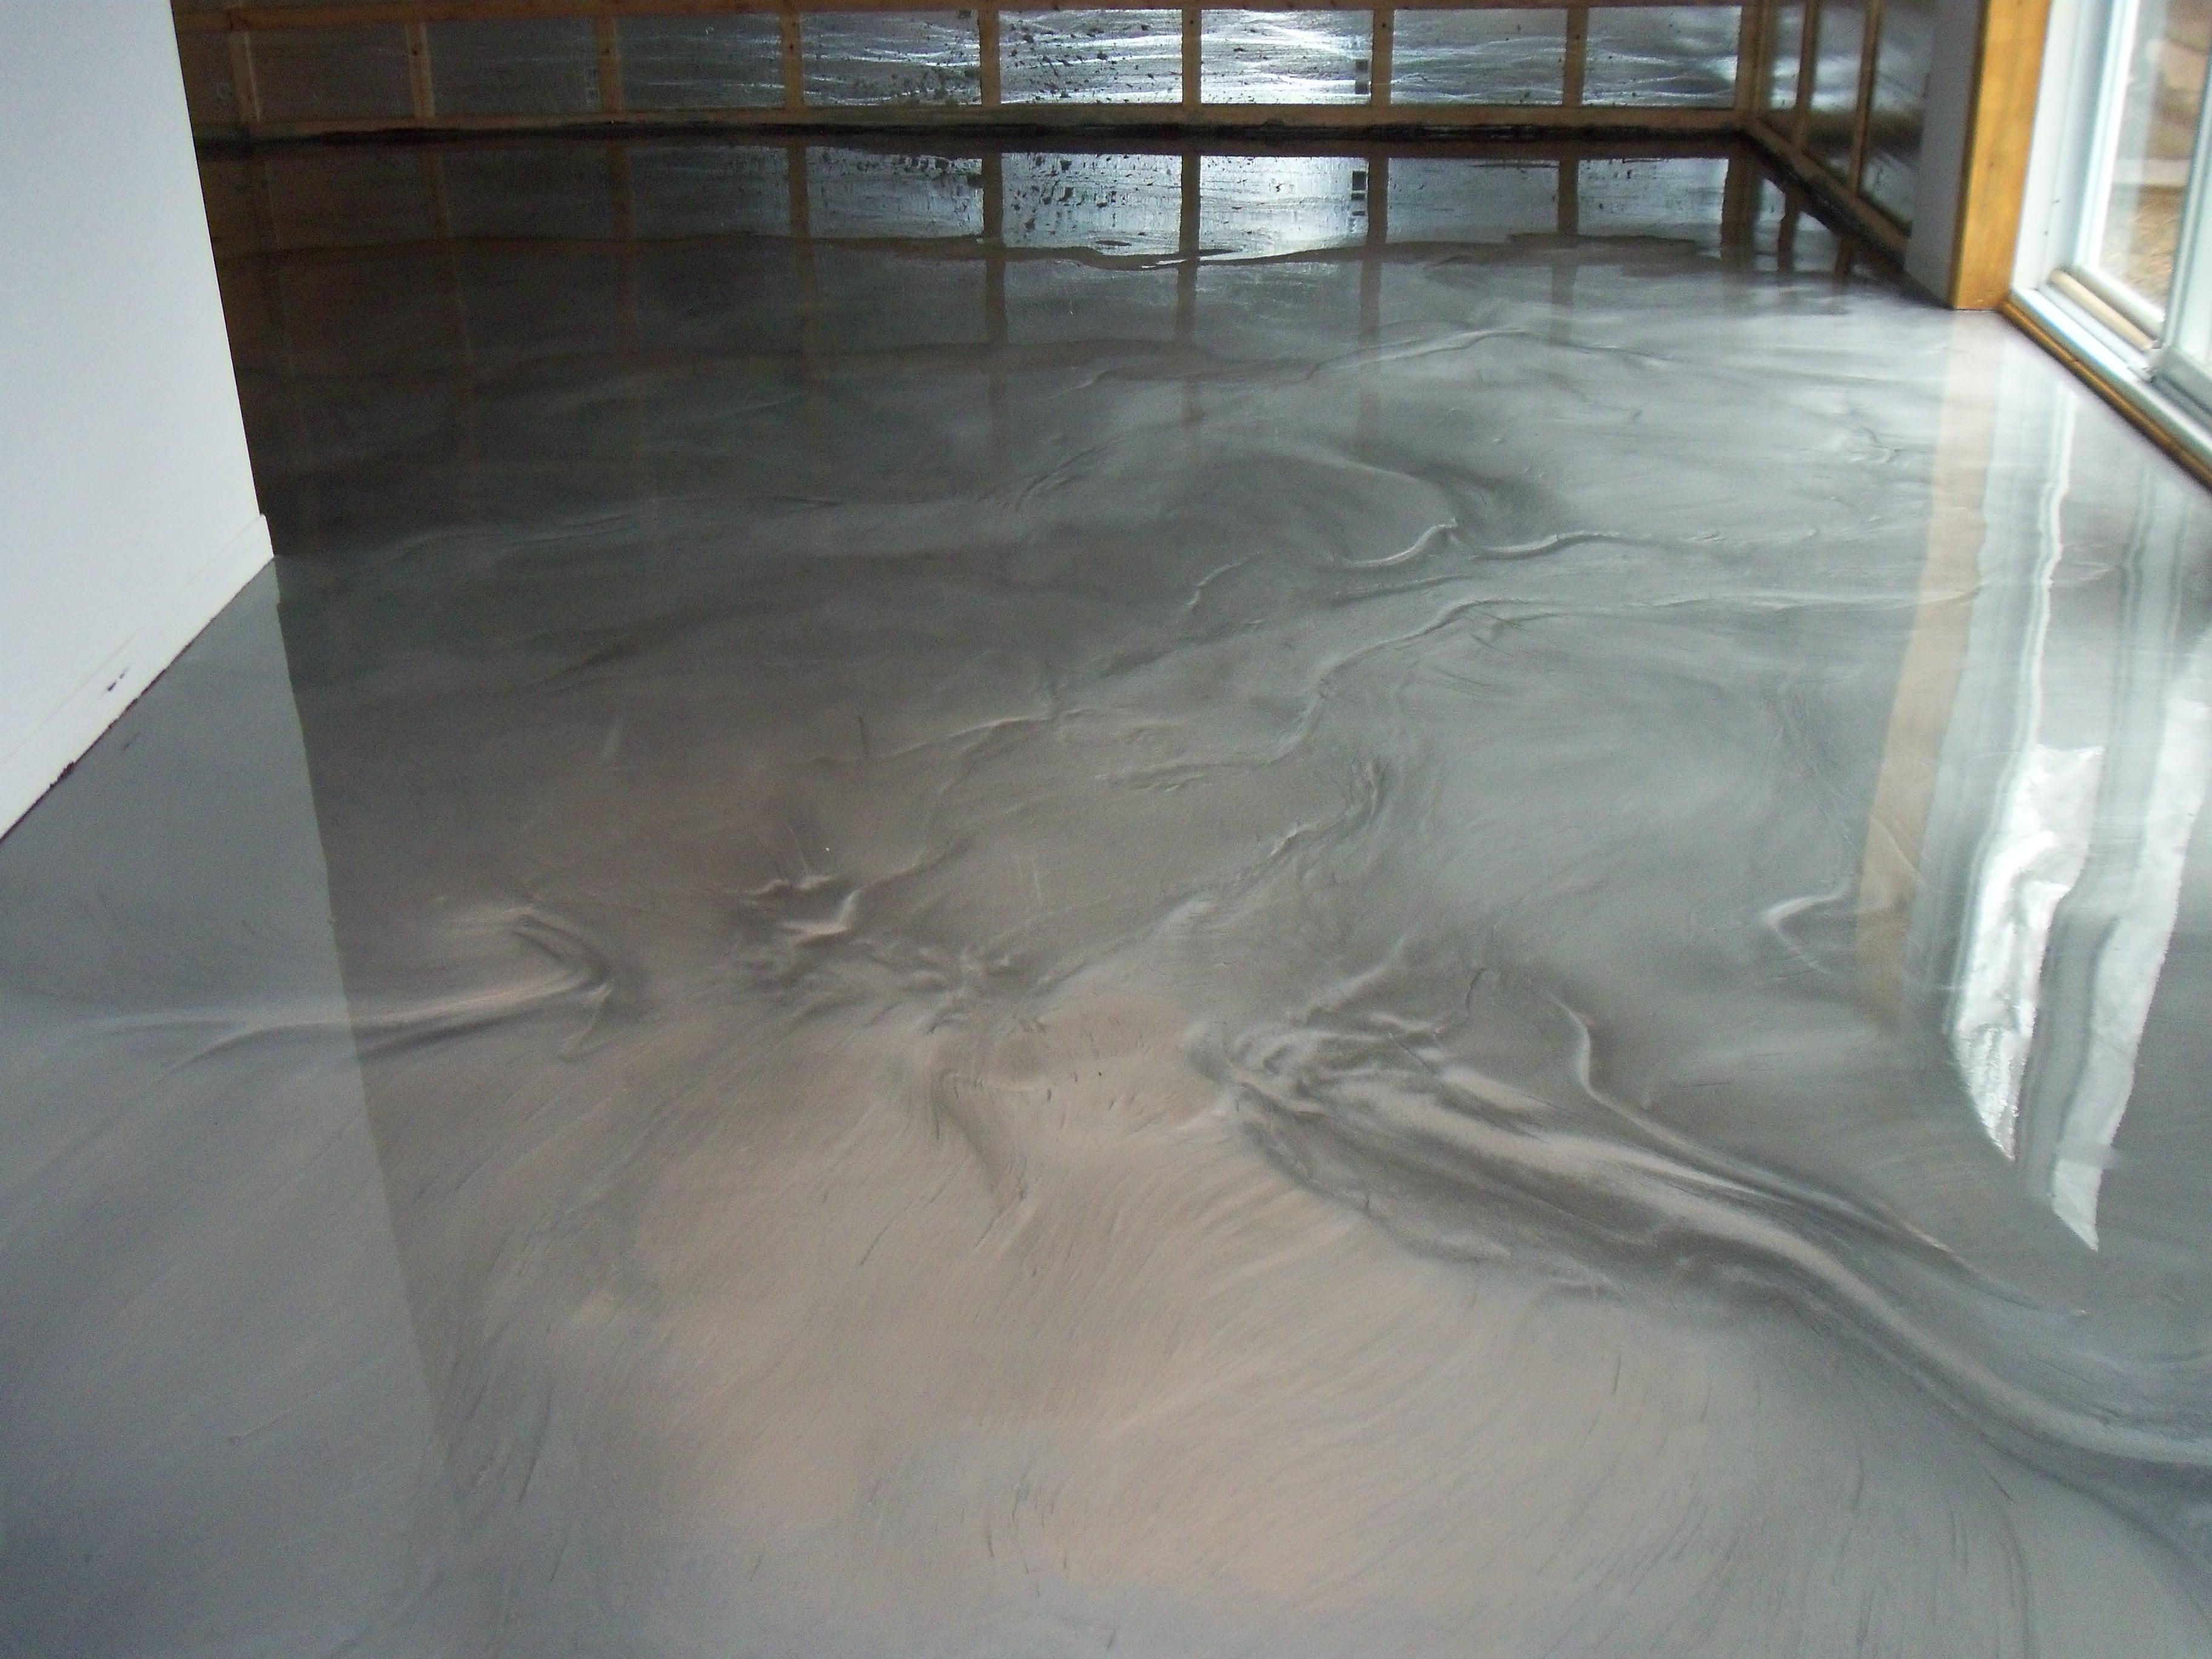 Peinture plancher b ton - Peinture sur ciment interieur ...